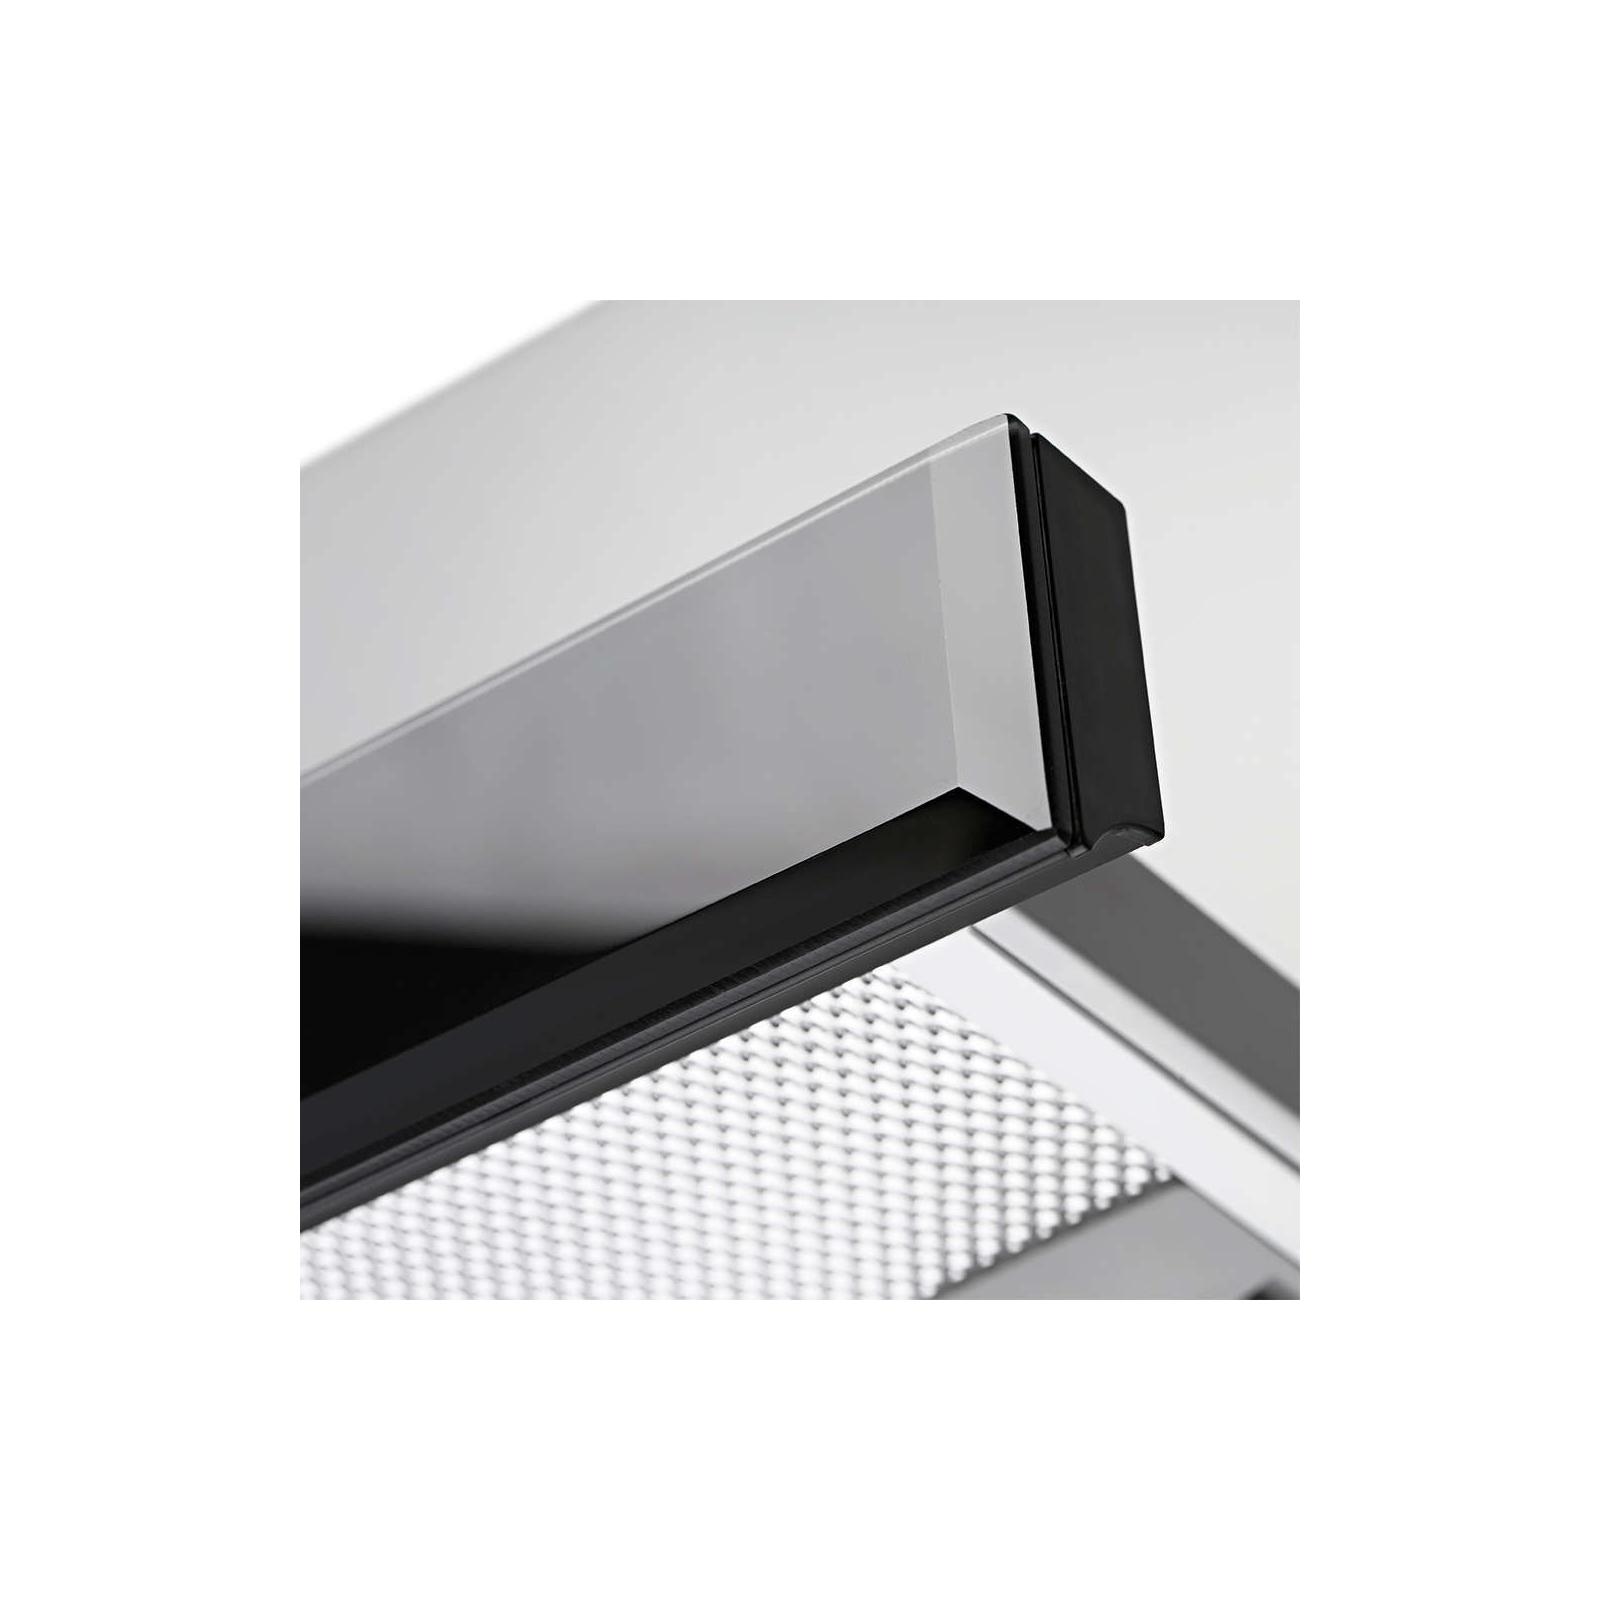 Вытяжка кухонная PYRAMIDA TL FULL GLASS 60 (1100) INOX BL/U изображение 6